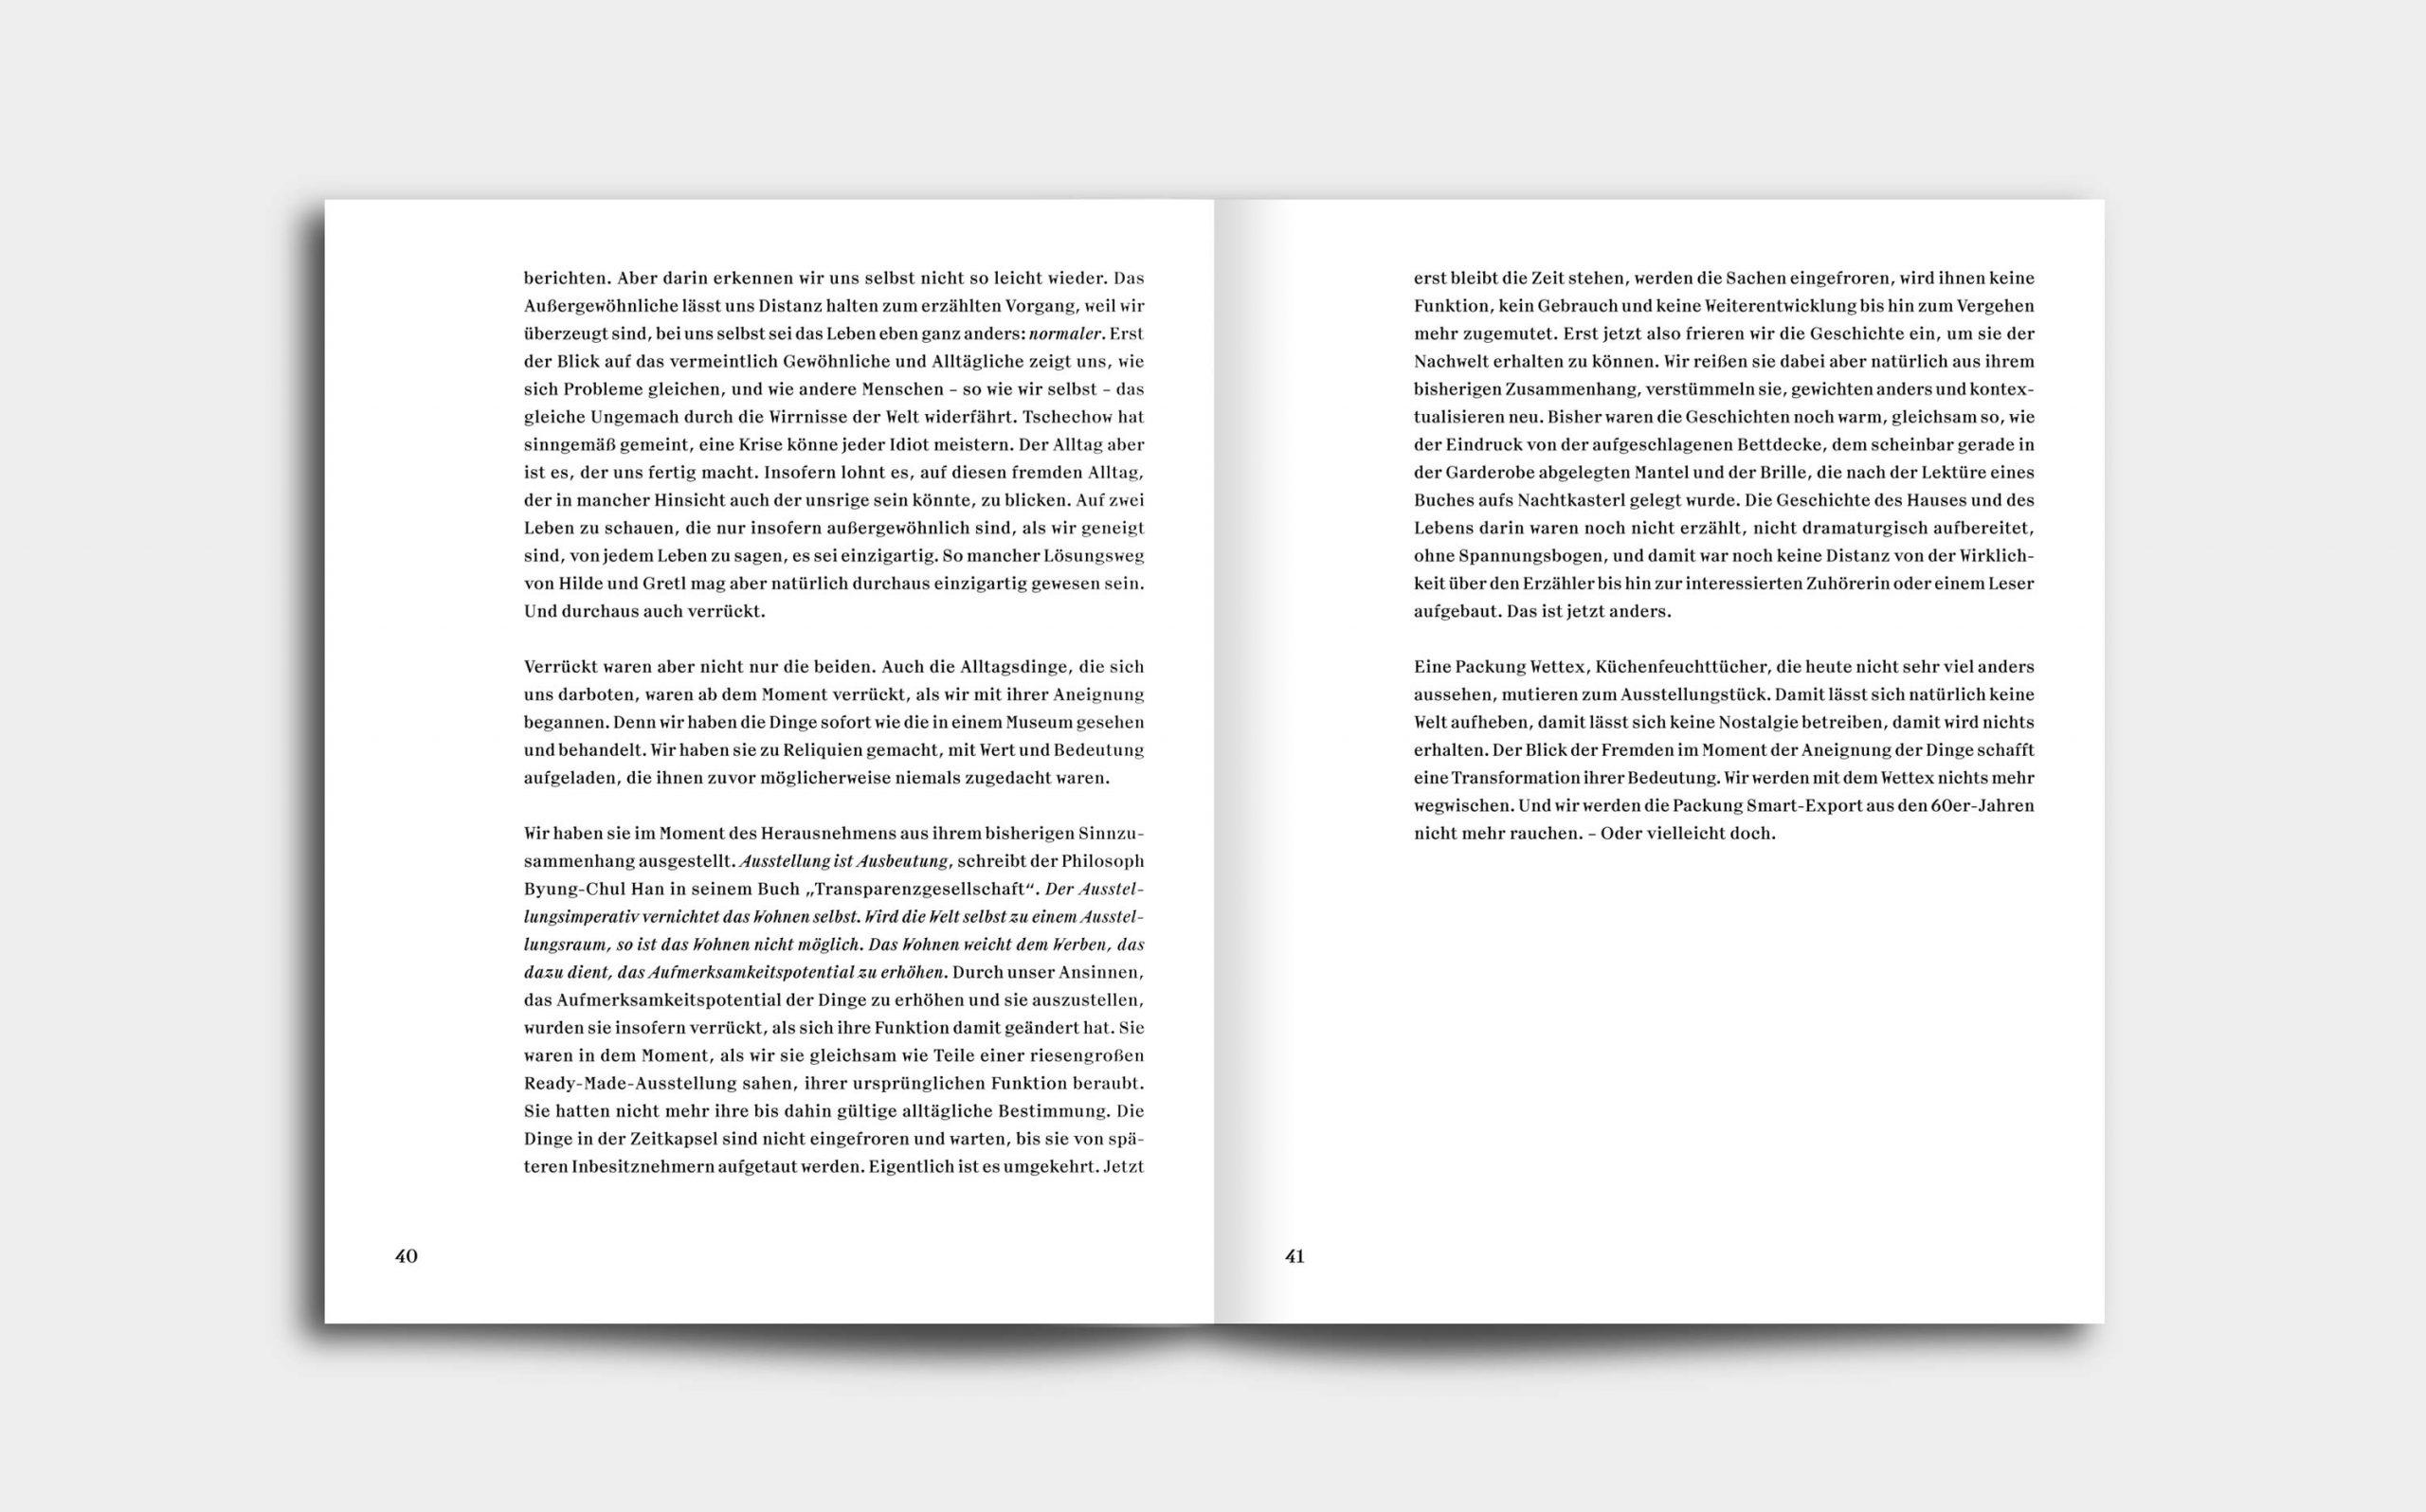 Tarek Leitner, Peter Coeln – Hilde & Gretl | Doppelseite mit symmetrischem Textsatz | Keywords: Editorial Design, Veredelung, Artist Book, Künstlerbuch, Buchgestaltung, Grafikdesign, Design, Typografie, Nippes